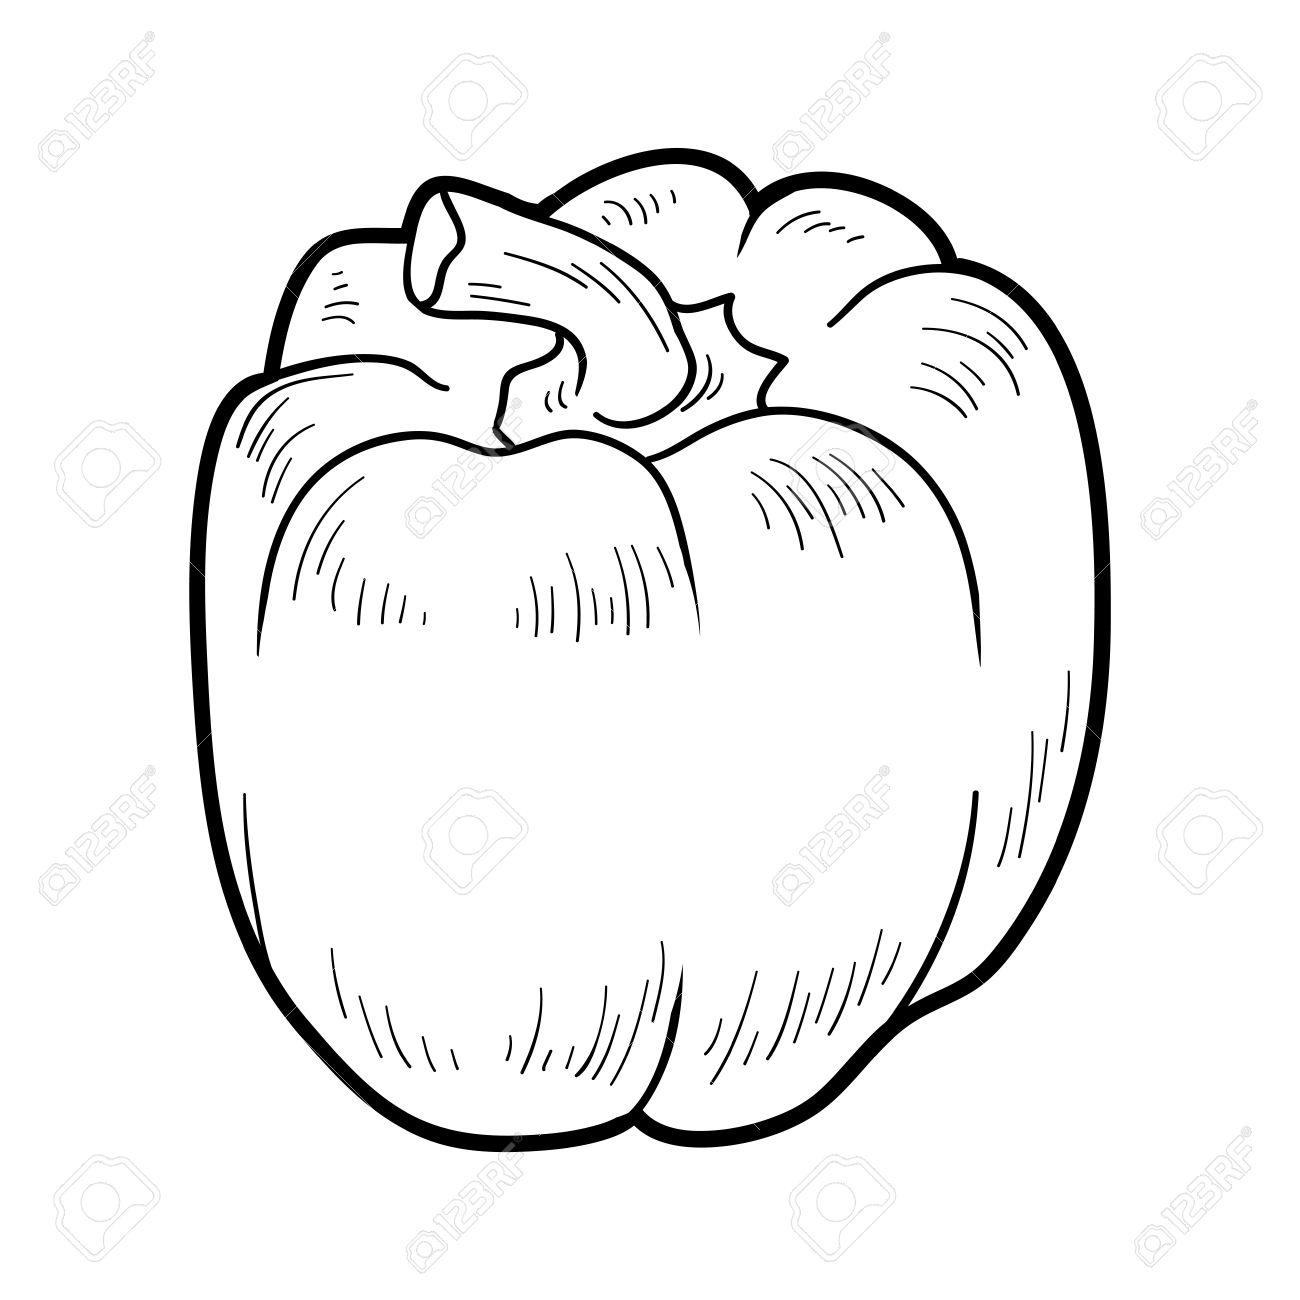 Libro Para Colorear Para Niños: Frutas Y Verduras (pimiento